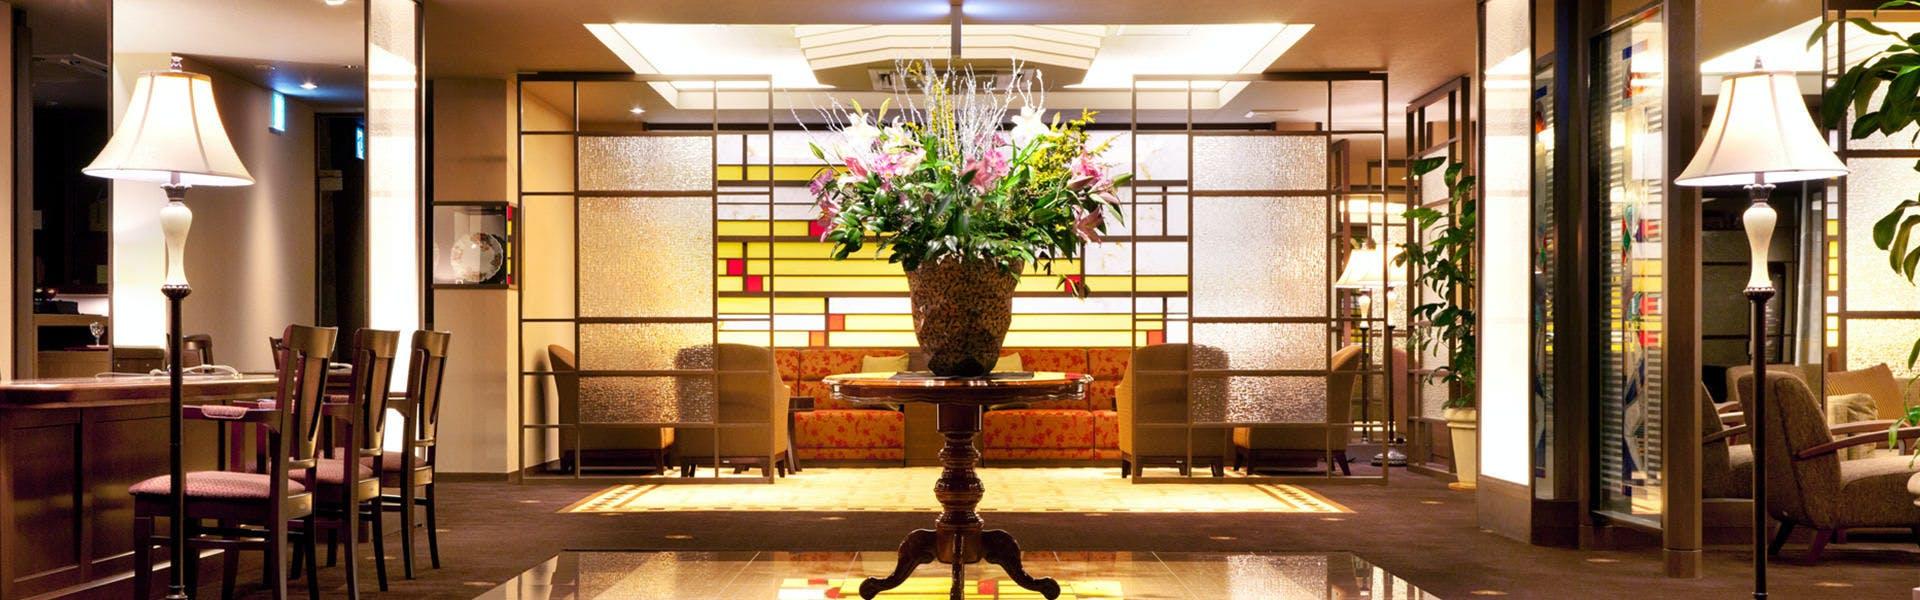 記念日におすすめのホテル・お祝いの宿 吉祥CARENの写真2